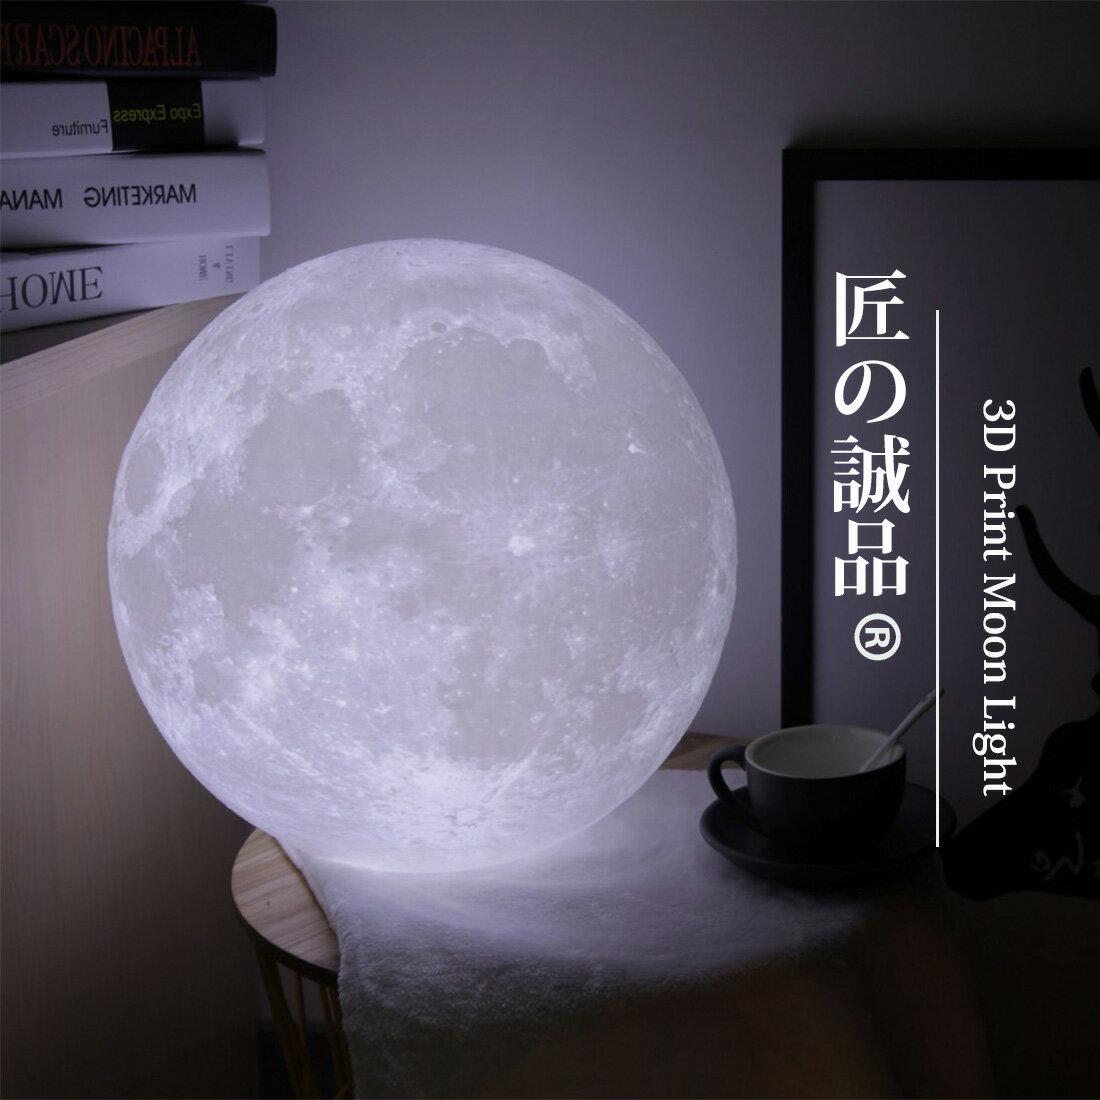 ムーンライト 月ライト 間接照明 月のランプ 月 あかり 屋内 インテリア 照明 3Dプリント USB充電式 色切替 月 ライト ランプ ライト10CM 和風 照明 リビング ナイトライト 月光寶盒 リモコン 操作対応 匠の誠品